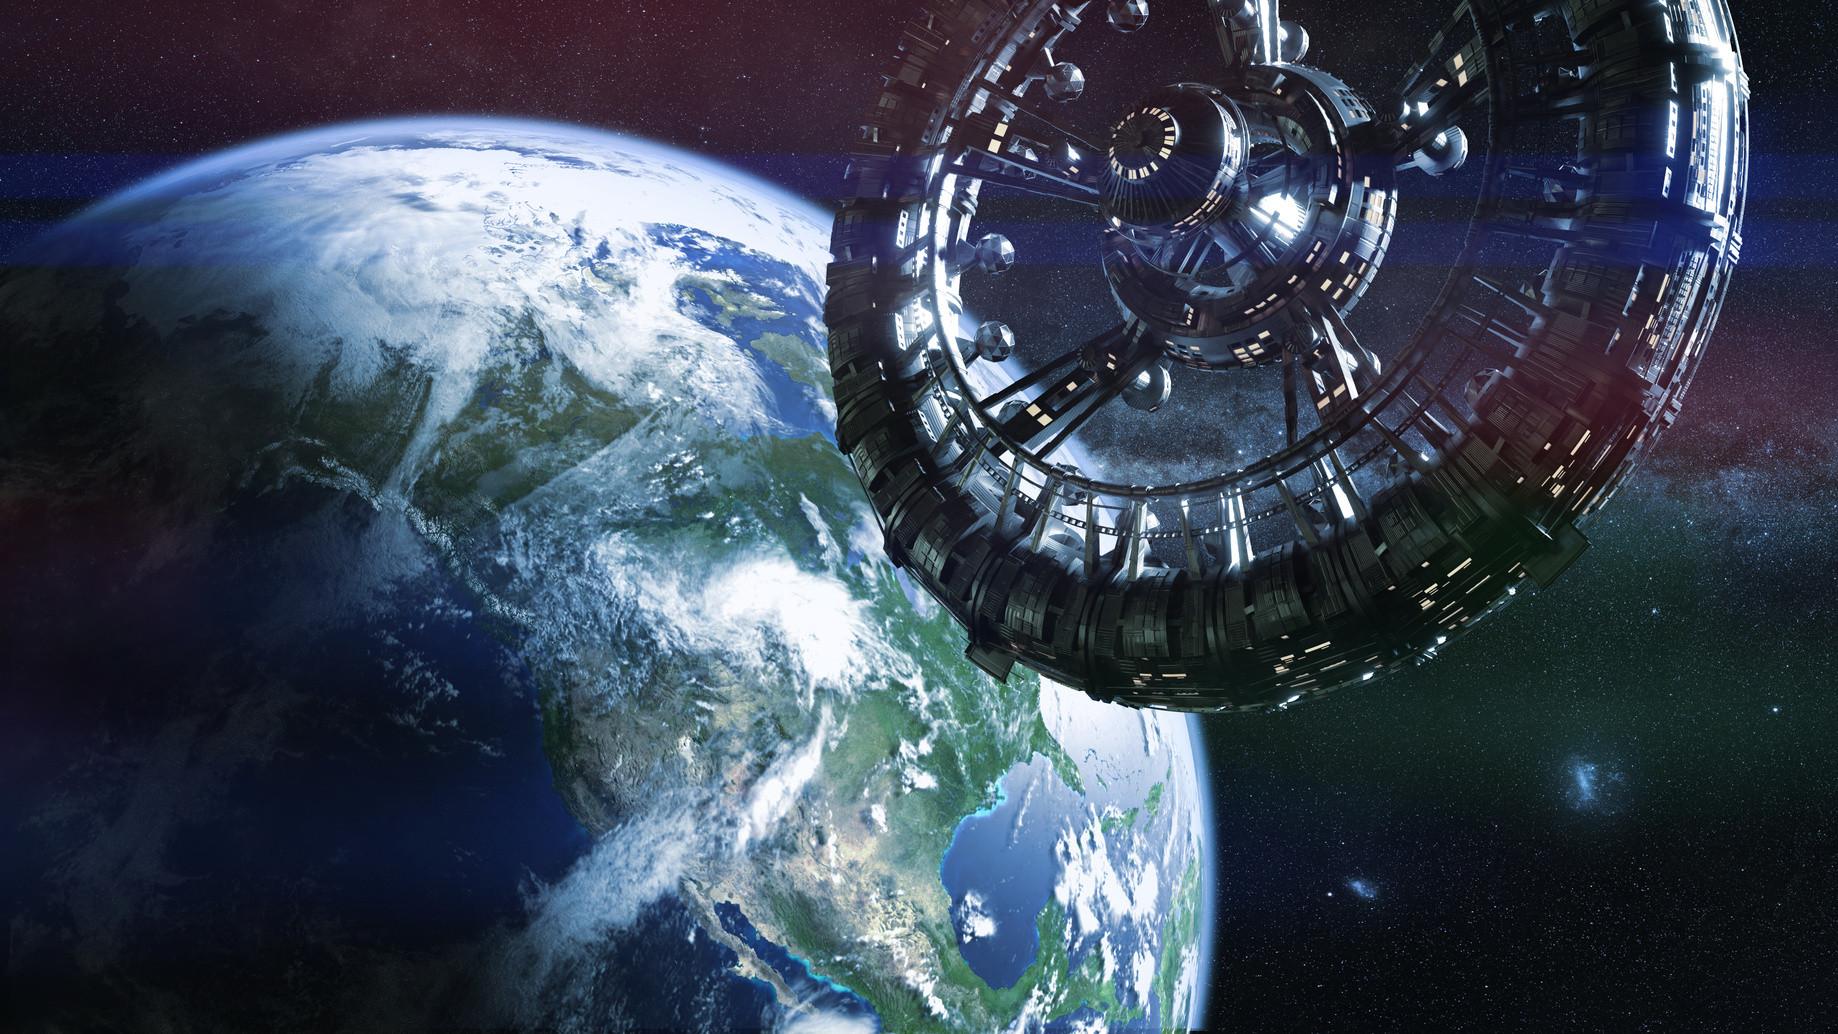 L'Australie propose à la NASA de l'aider dans la construction d'une base orbitale lunaire